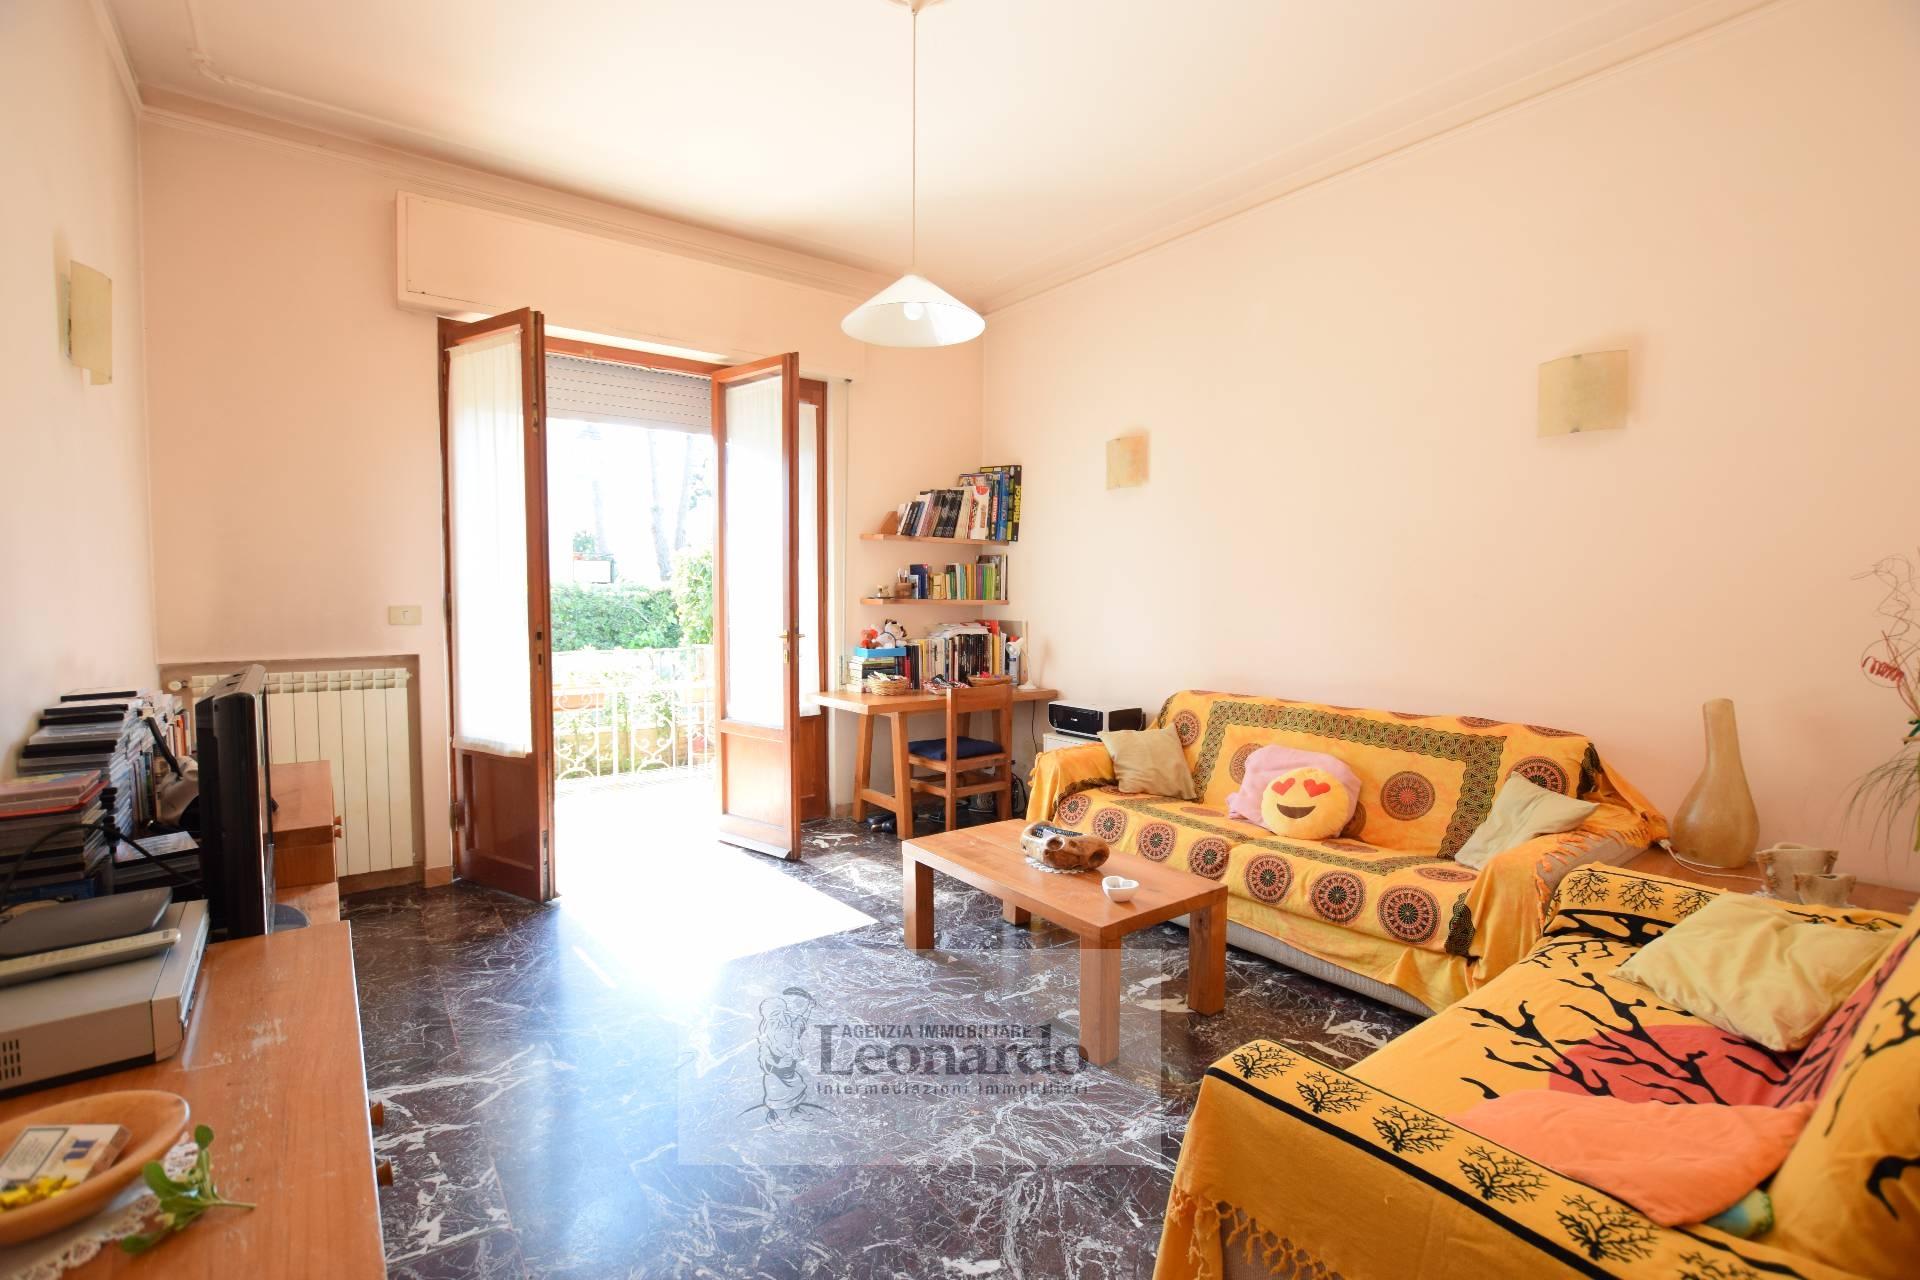 Soluzione Indipendente in vendita a Camaiore, 7 locali, zona Località: LidodiCamaiore, prezzo € 385.000 | CambioCasa.it